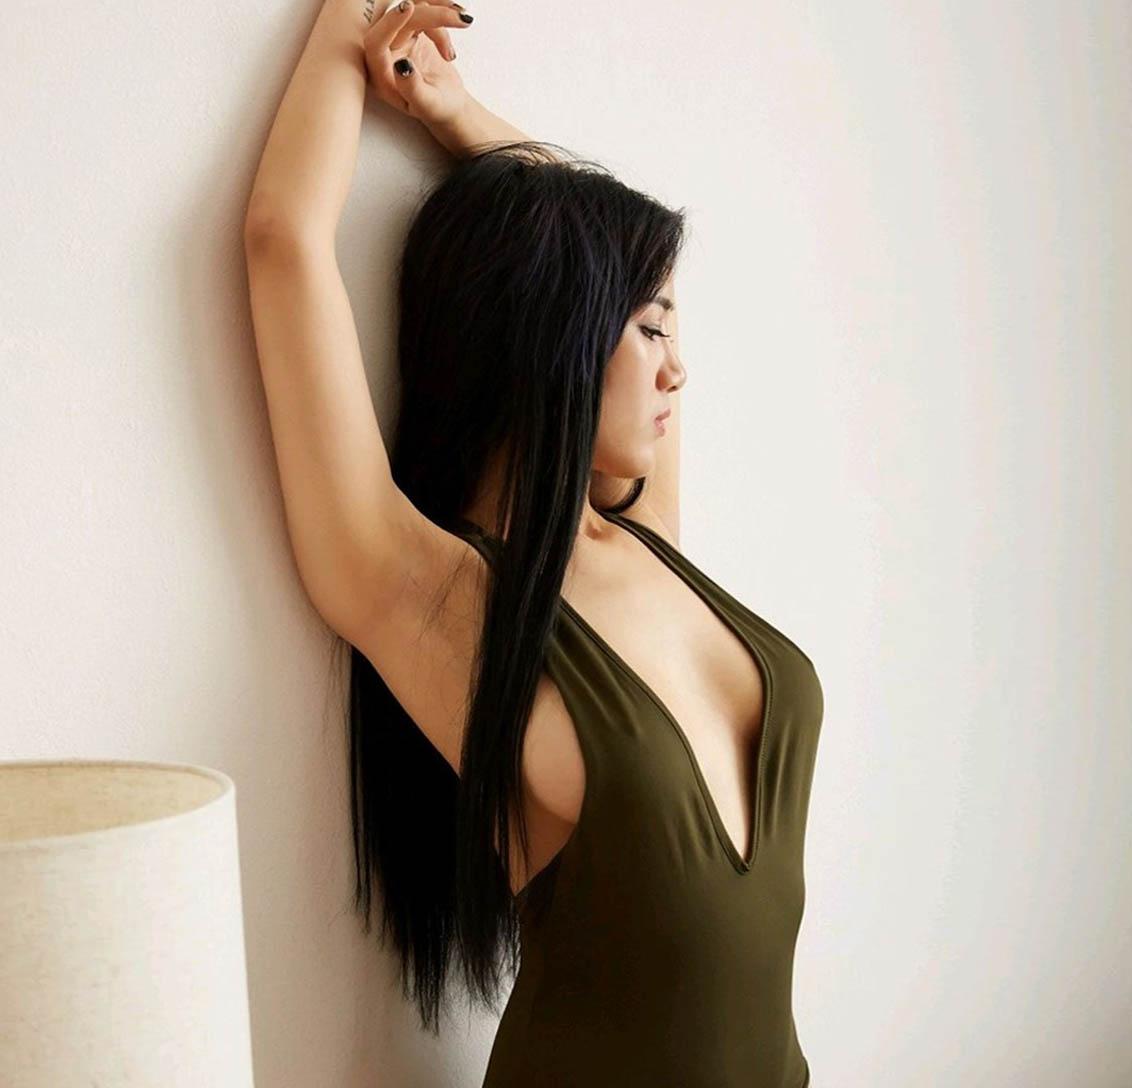 Ảnh gái mặc Bikini màu xanh hở hang, hở nốt Ty trên áo áo